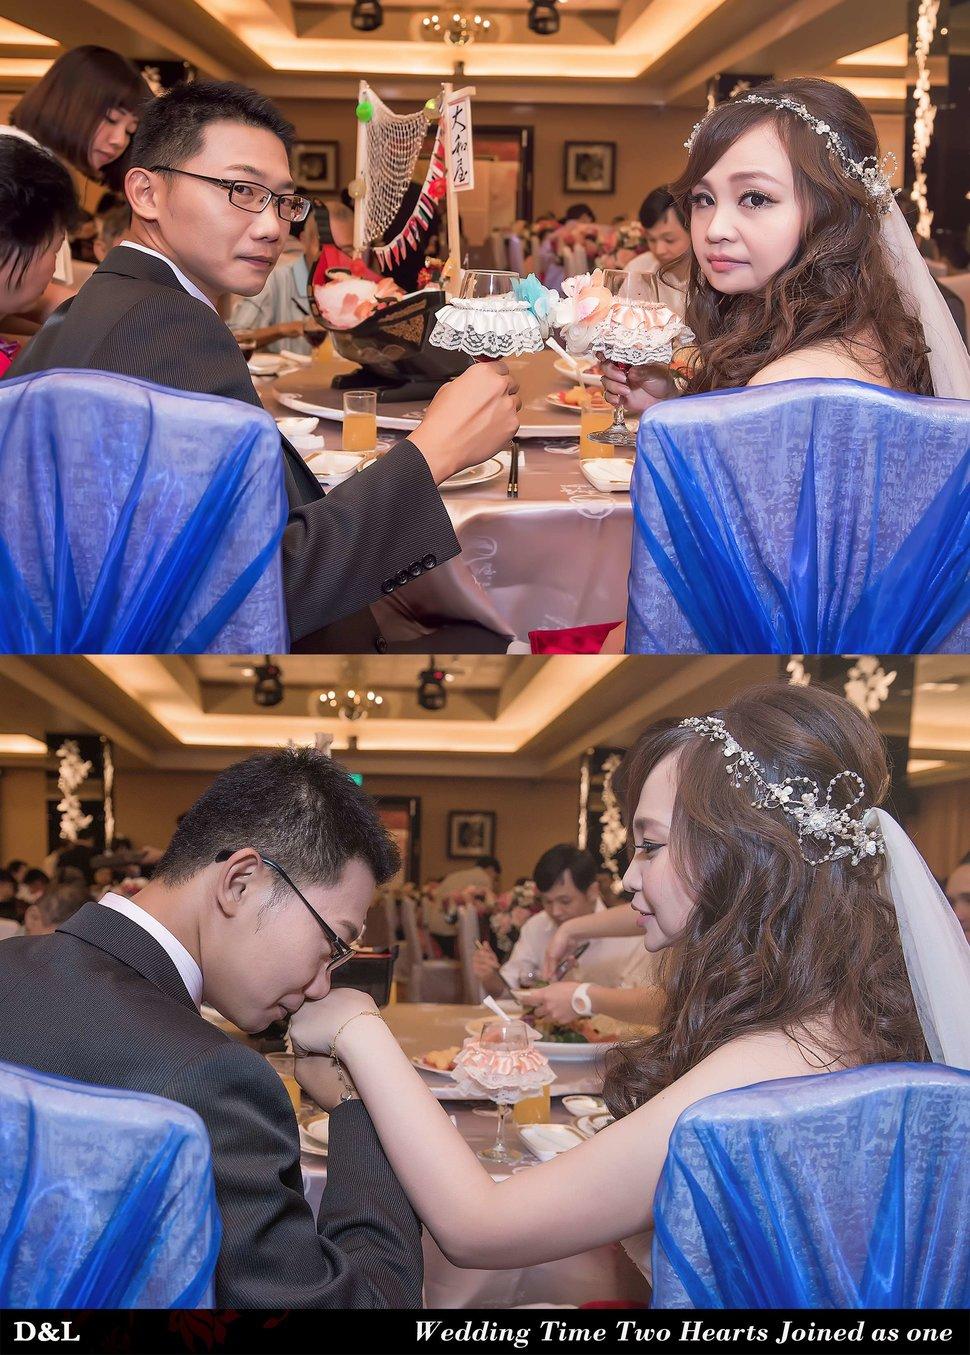 婚禮記錄 錦全&昀臻(編號:6090) - D&L 婚禮事務-婚紗攝影/婚禮記錄 - 結婚吧